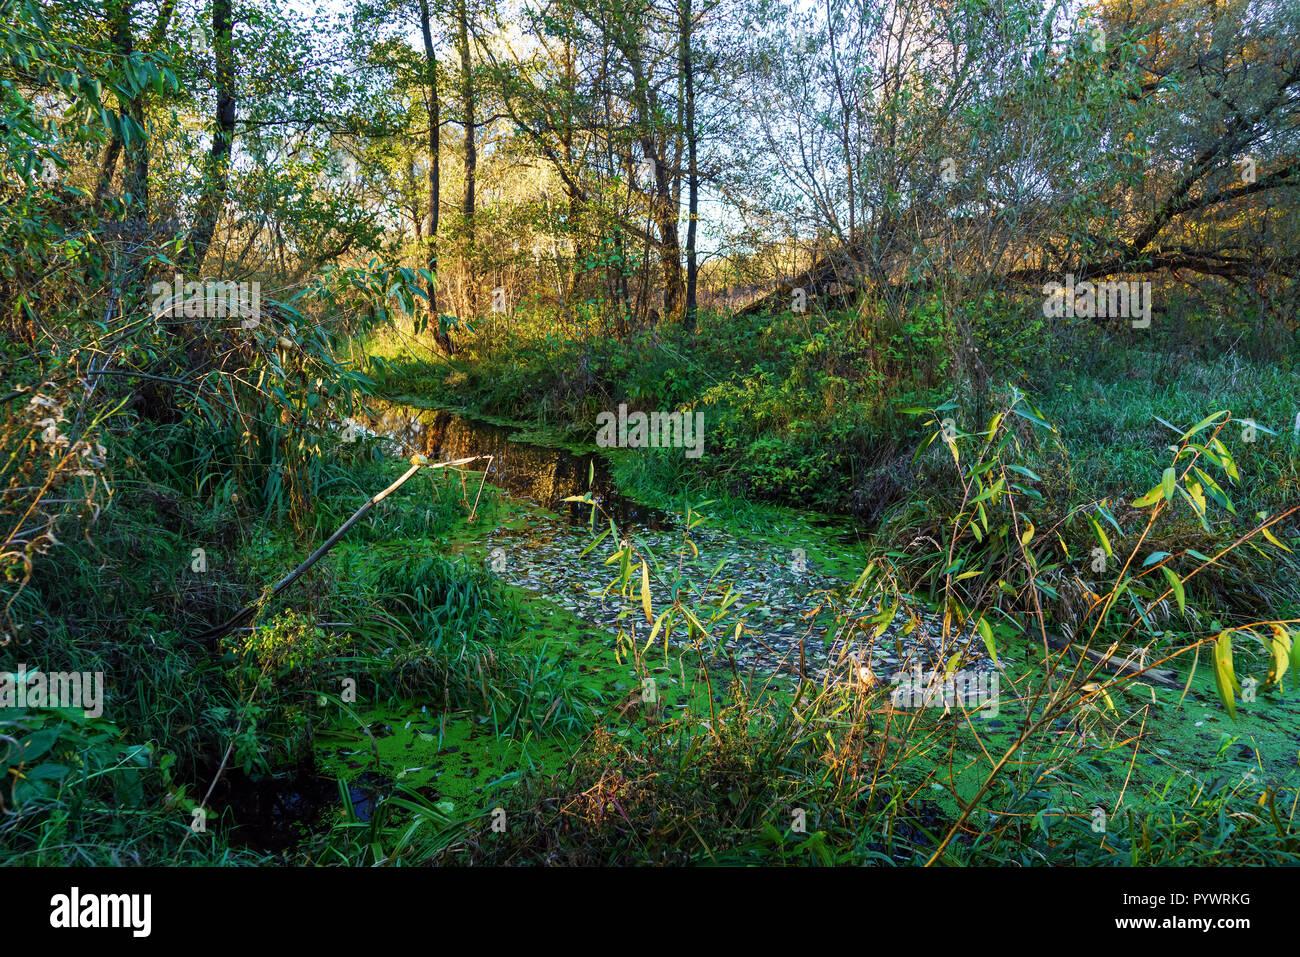 Fiume nella foresta in tarda estate o inizio autunno con molte piante e alberi Foto Stock